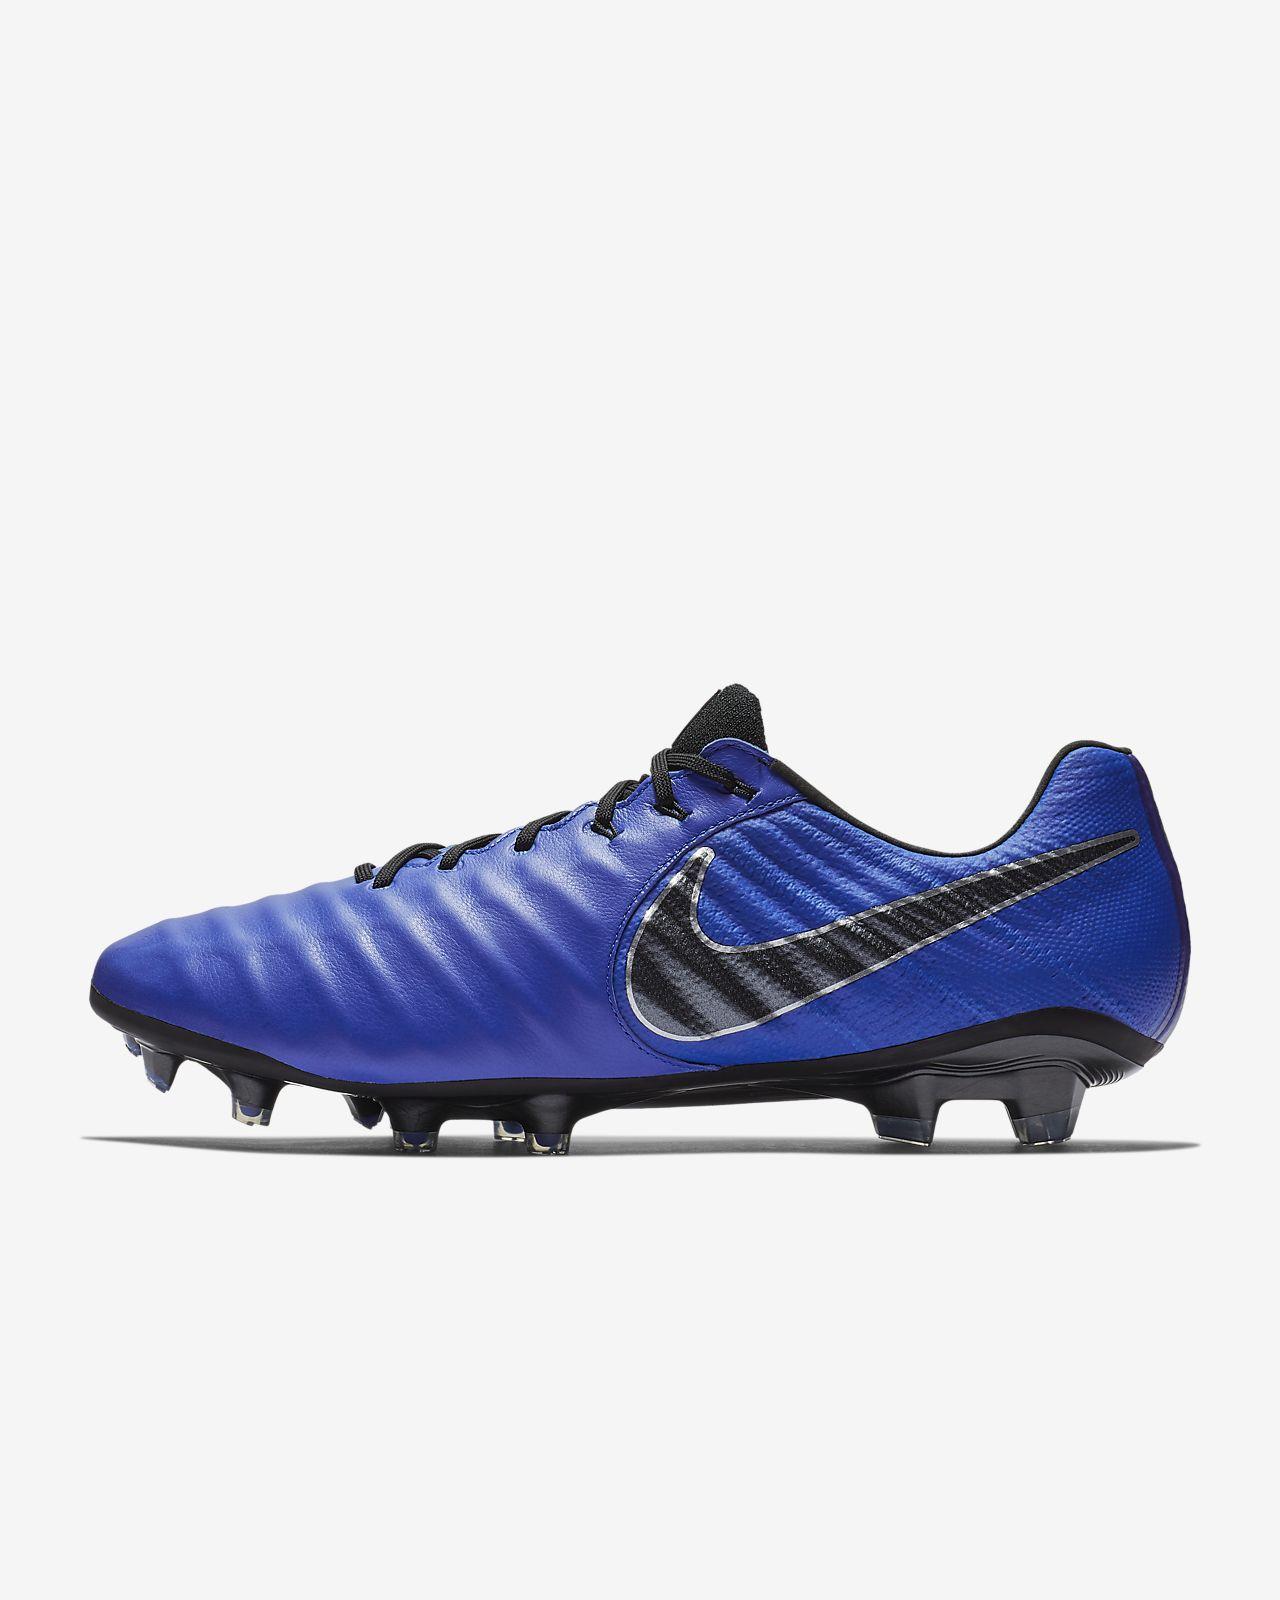 ... authentic calzado de fútbol para terreno firme nike tiempo legend vii  elite 12eda c5fb7 85ca7ed967daa